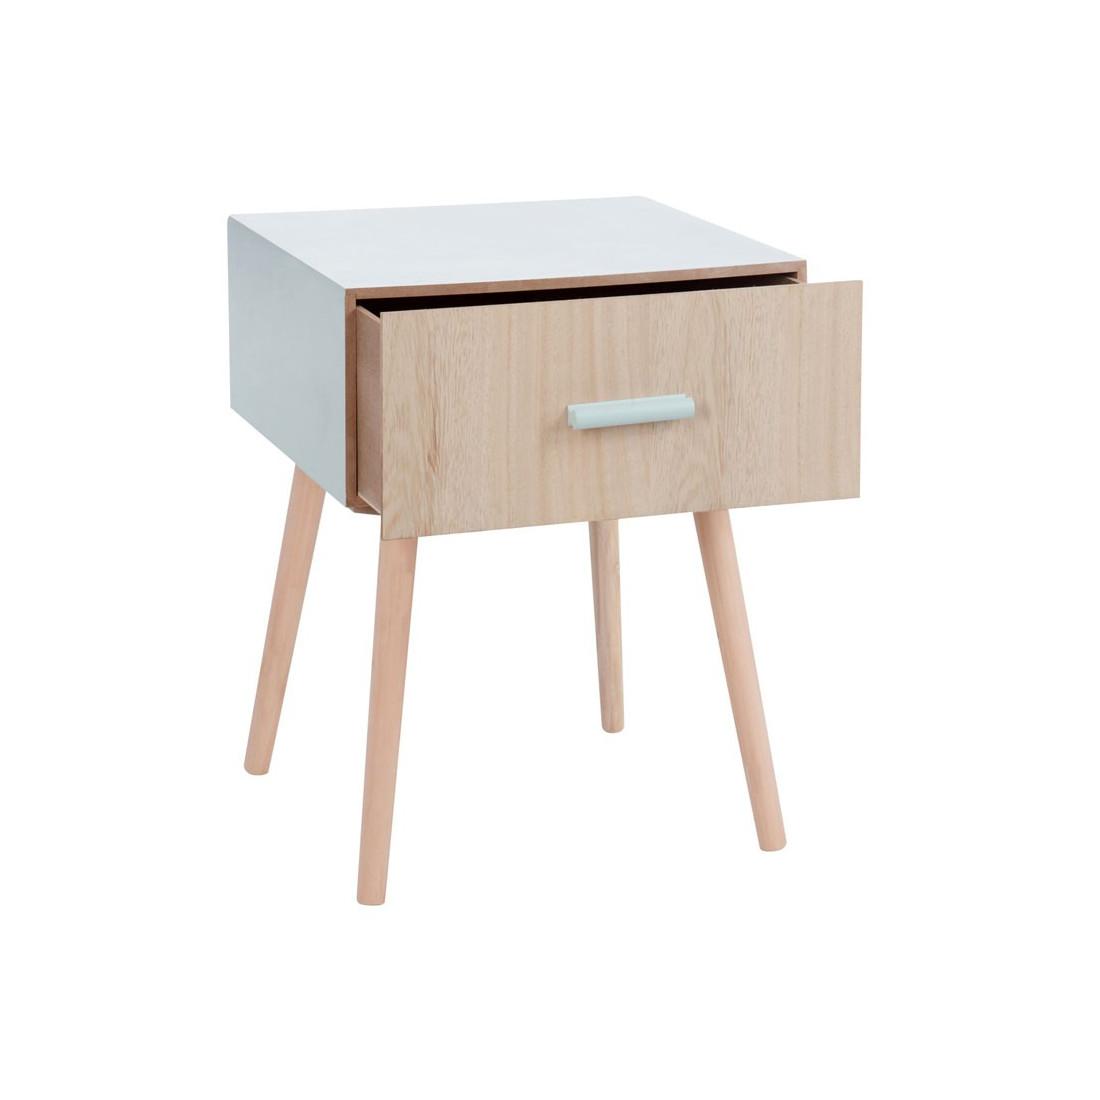 Table de chevet 1 tiroir bois scandinave lili univers - Table de chevet bleu ...